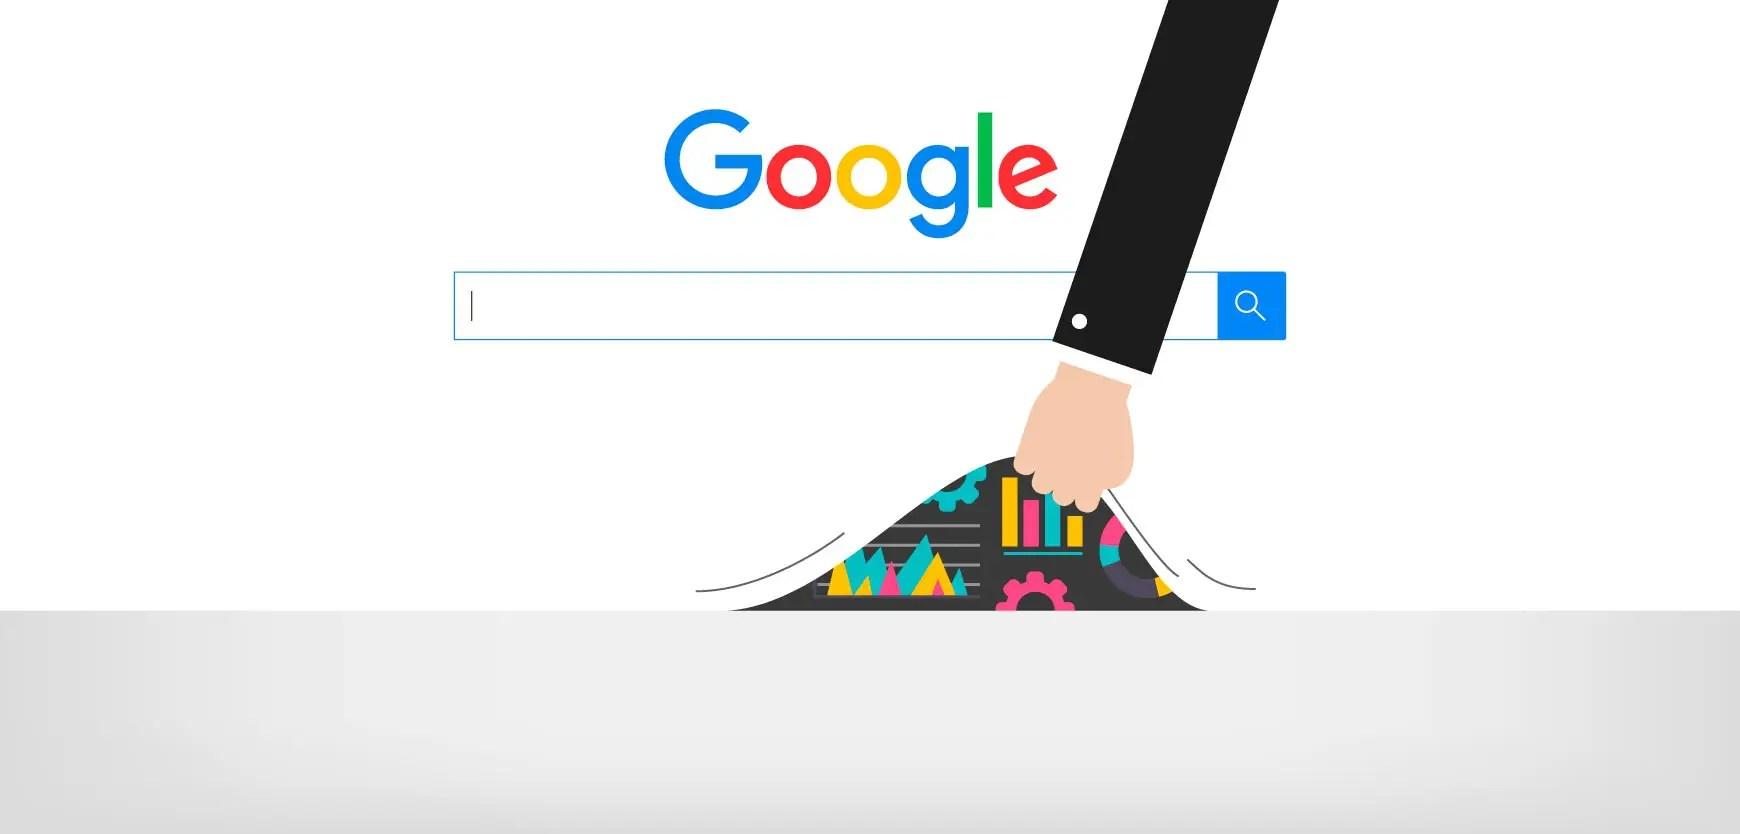 6 herramientas alternativas al Planificador de palabras clave de Google